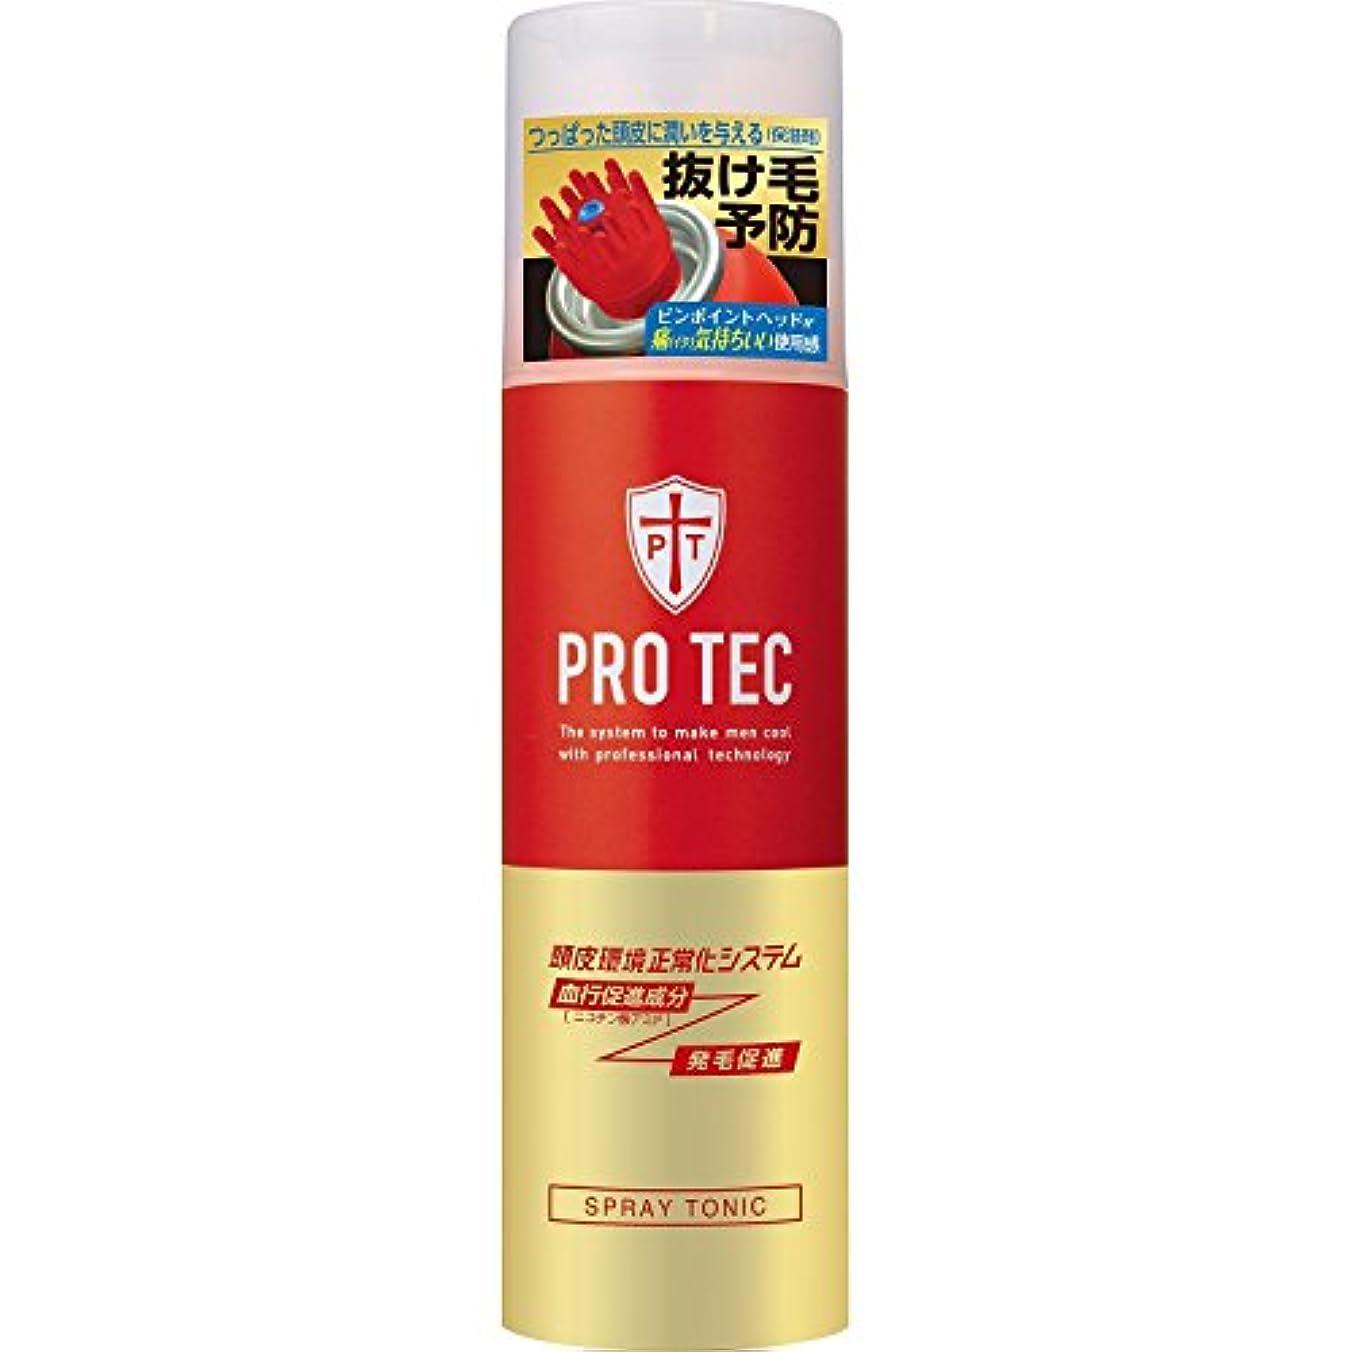 考案する均等に段落PRO TEC(プロテク) スプレートニック 150g (医薬部外品) ×20個セット